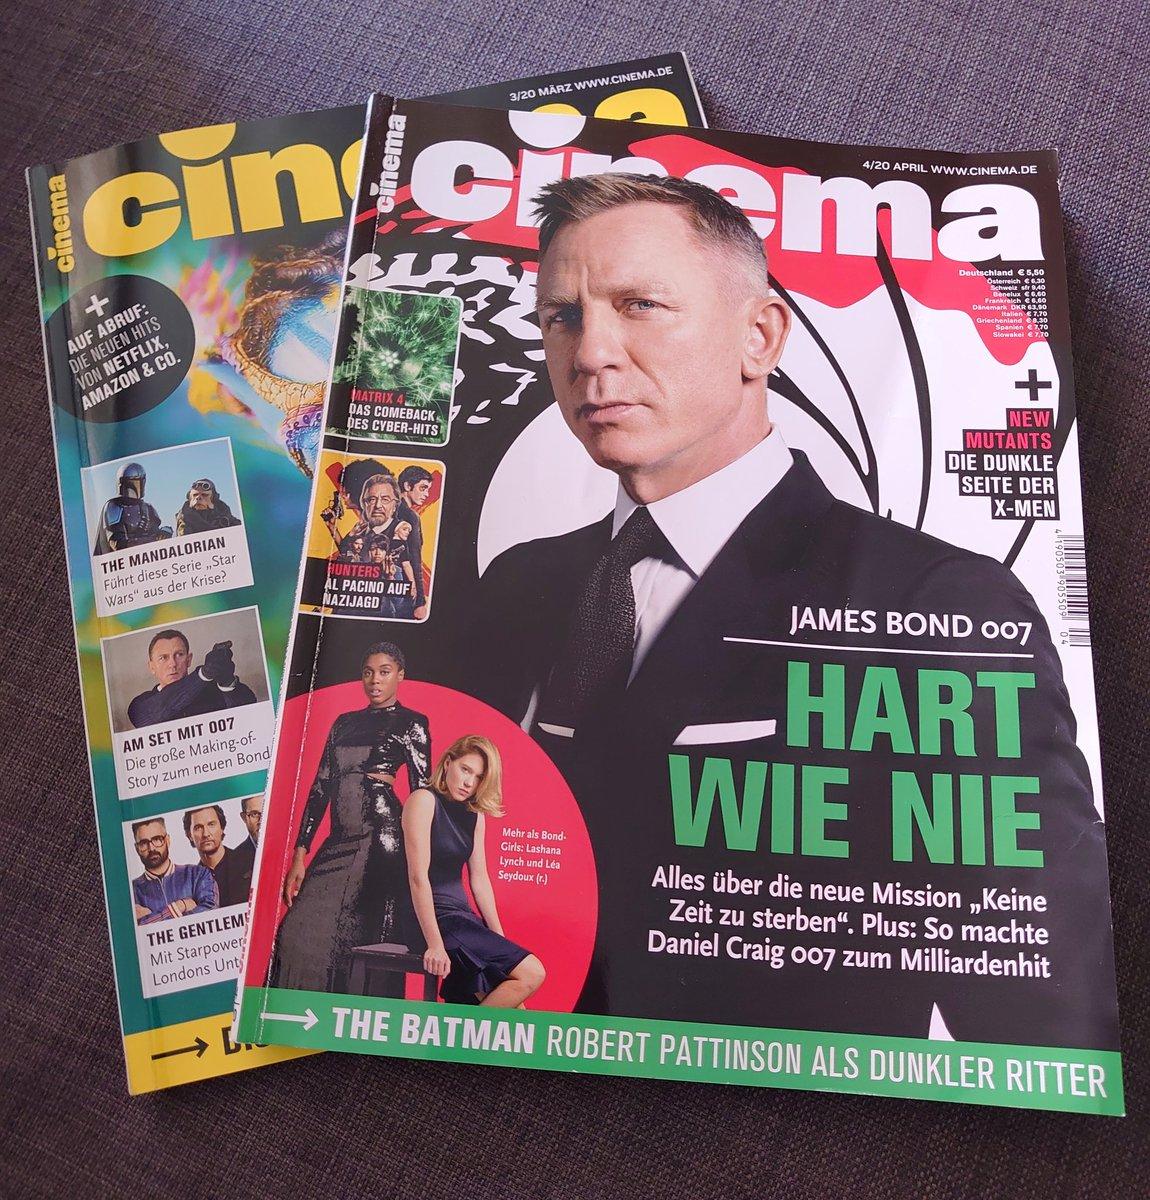 Mal Zeit zum Lesen....und die Wartezeit  überbrücken   @CINEMA_KINO_DVD #NoTimeToDie https://t.co/iUf3s9RLqx